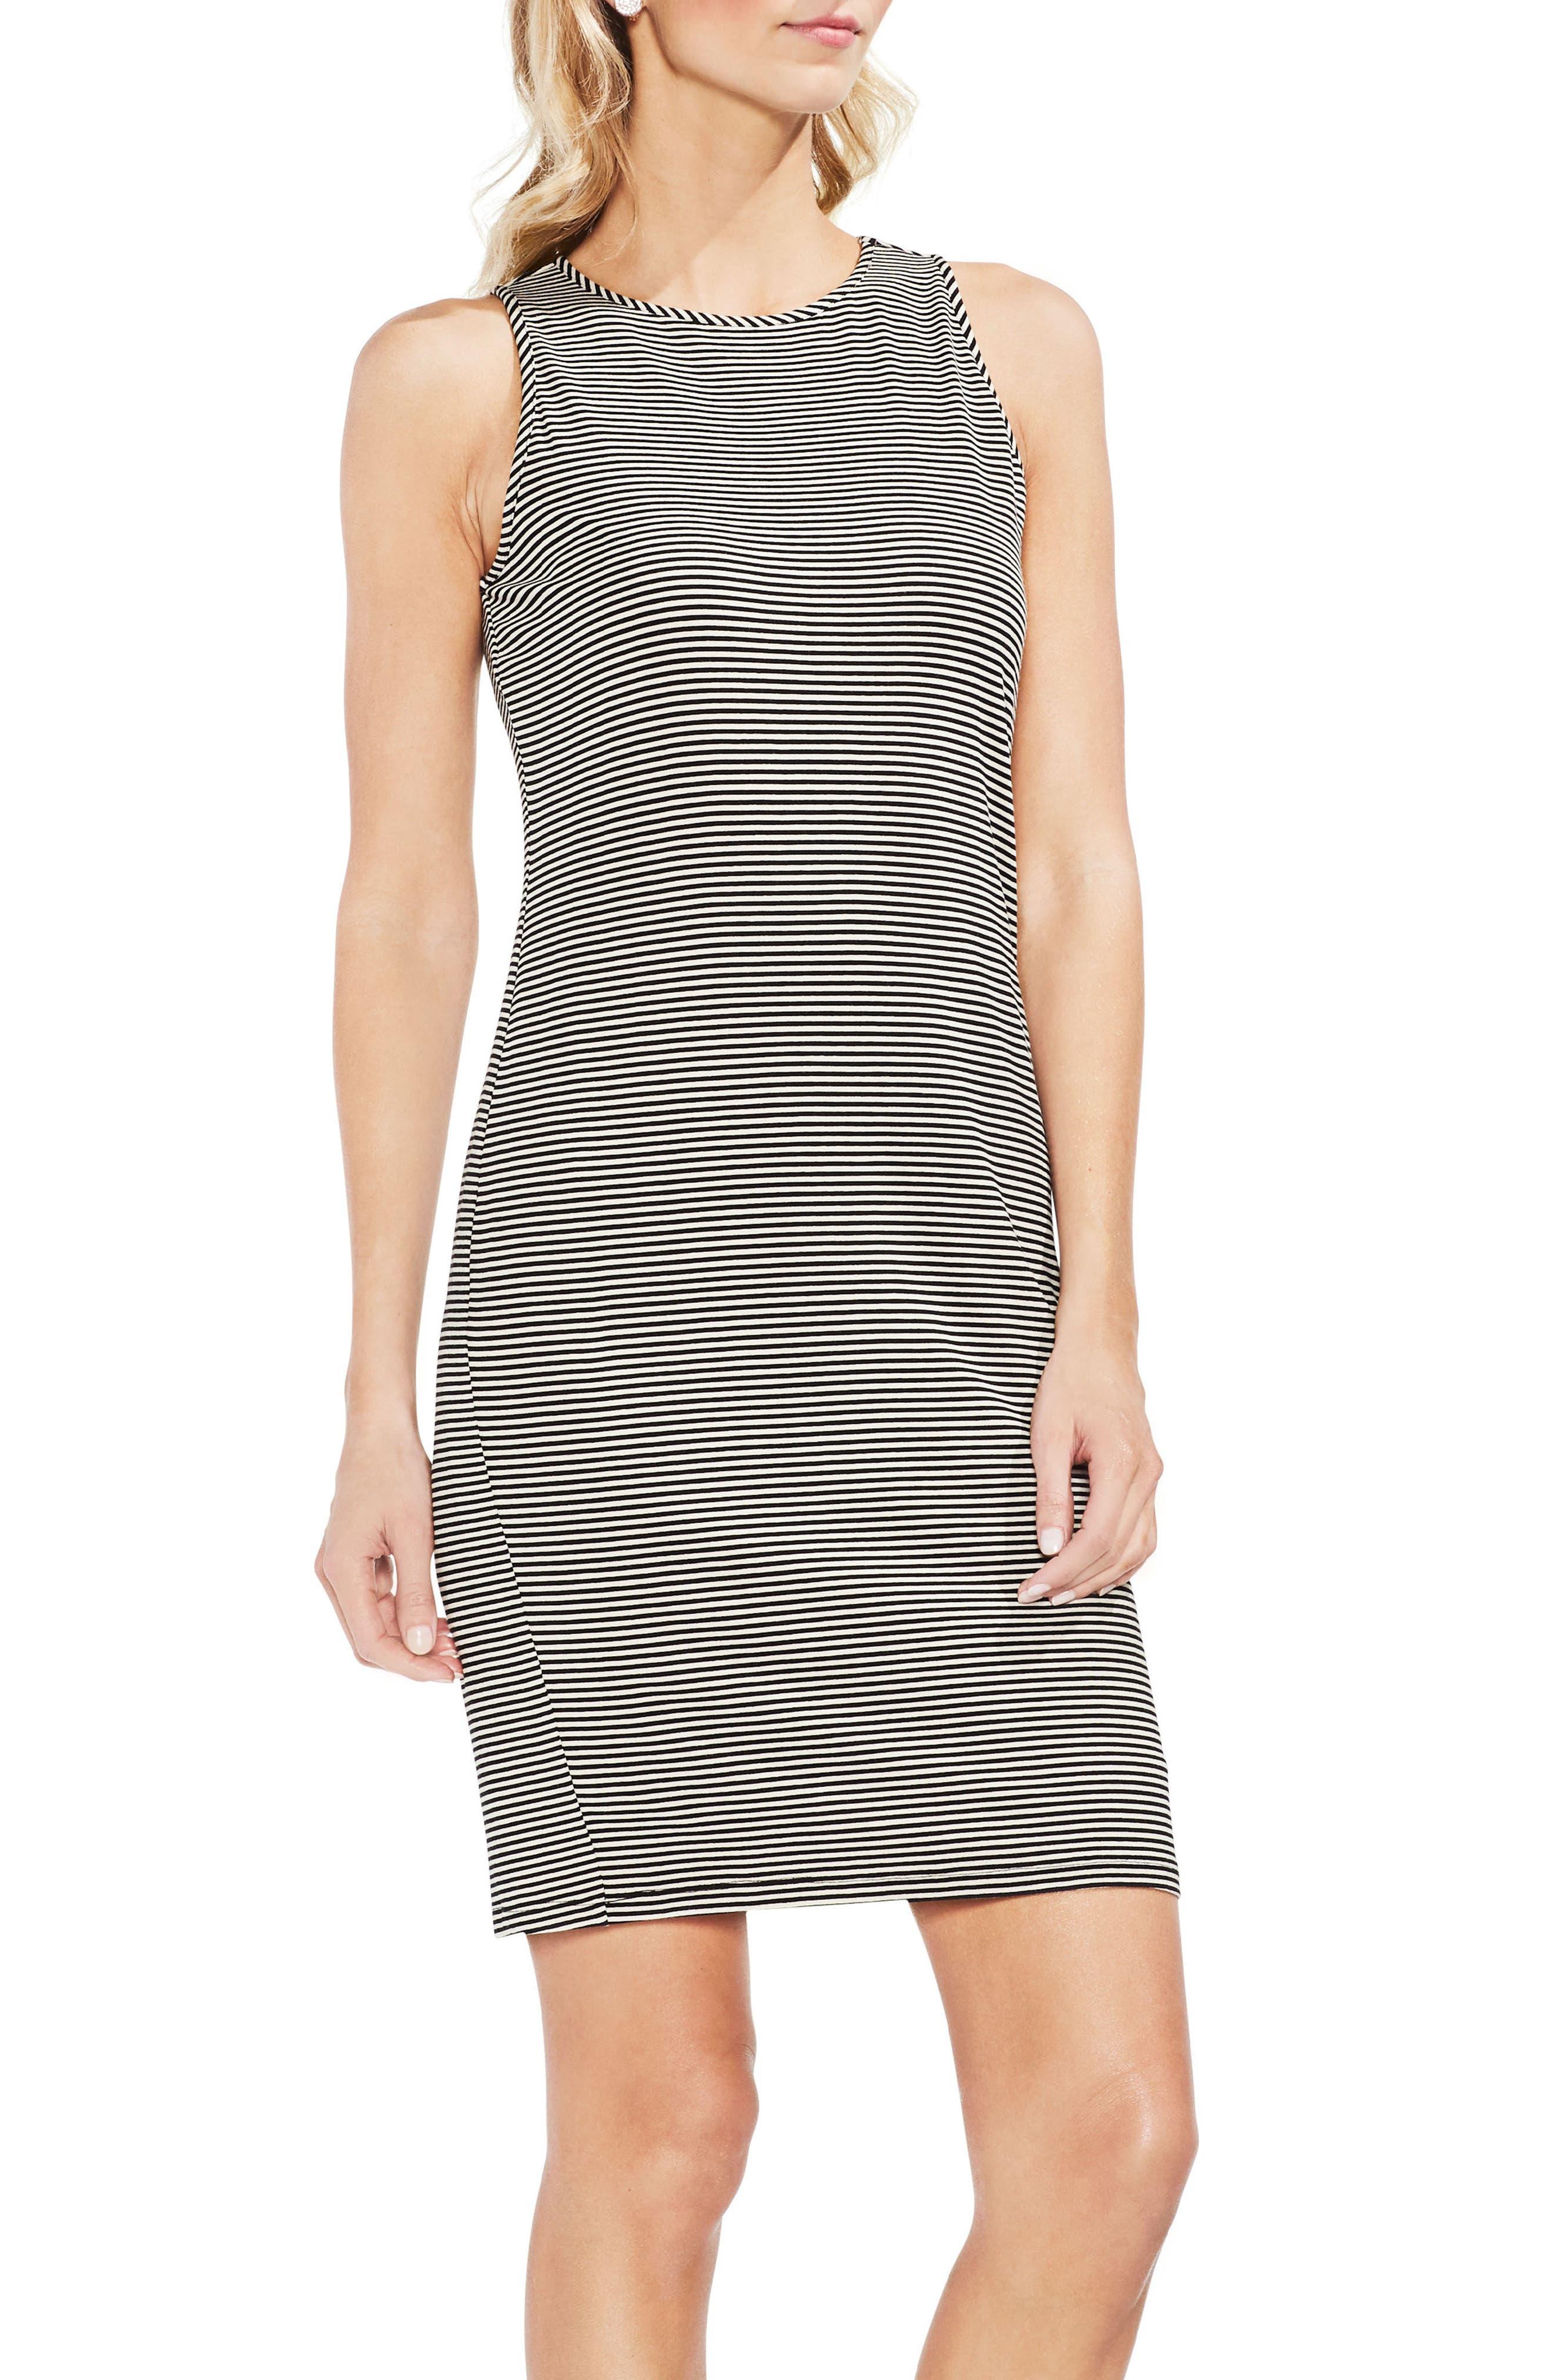 Chantelle Pinstripe Body-Con Dress,                             Main thumbnail 1, color,                             001